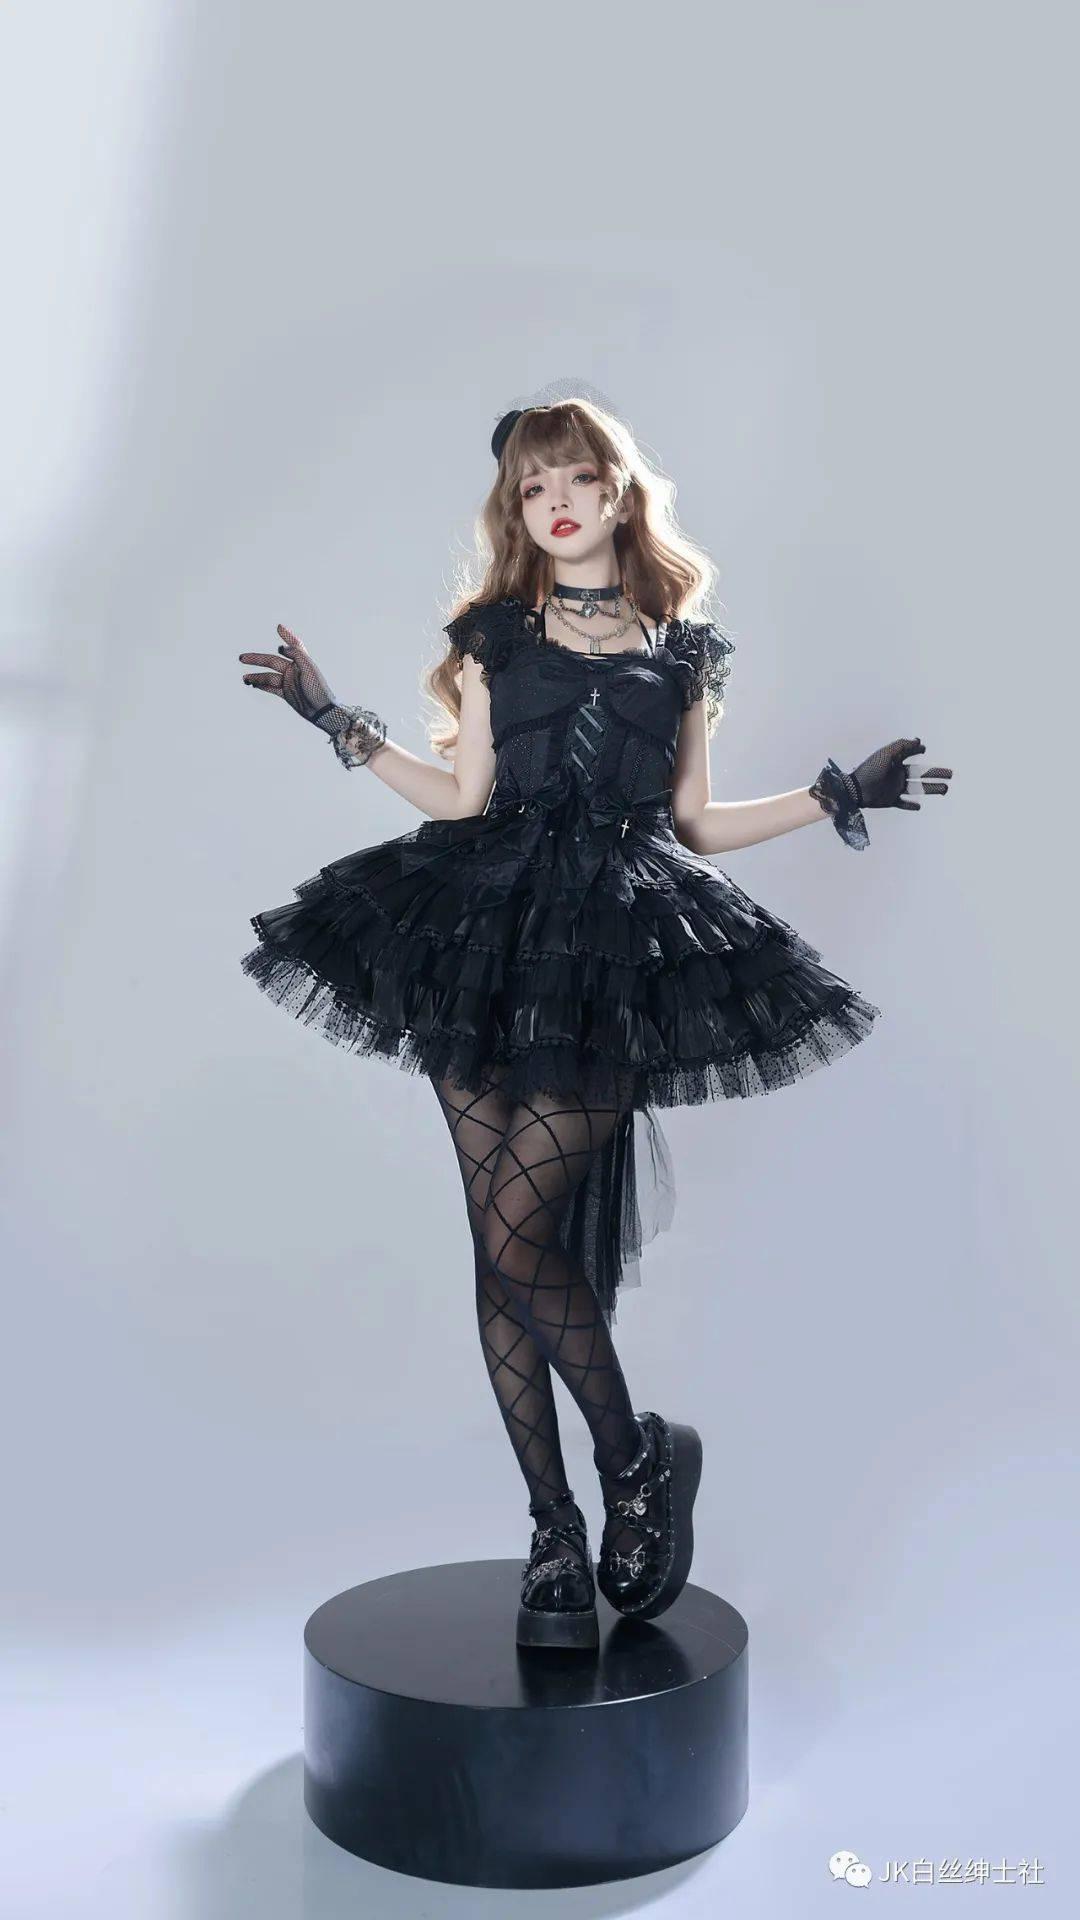 Lolita:于月光中相聚